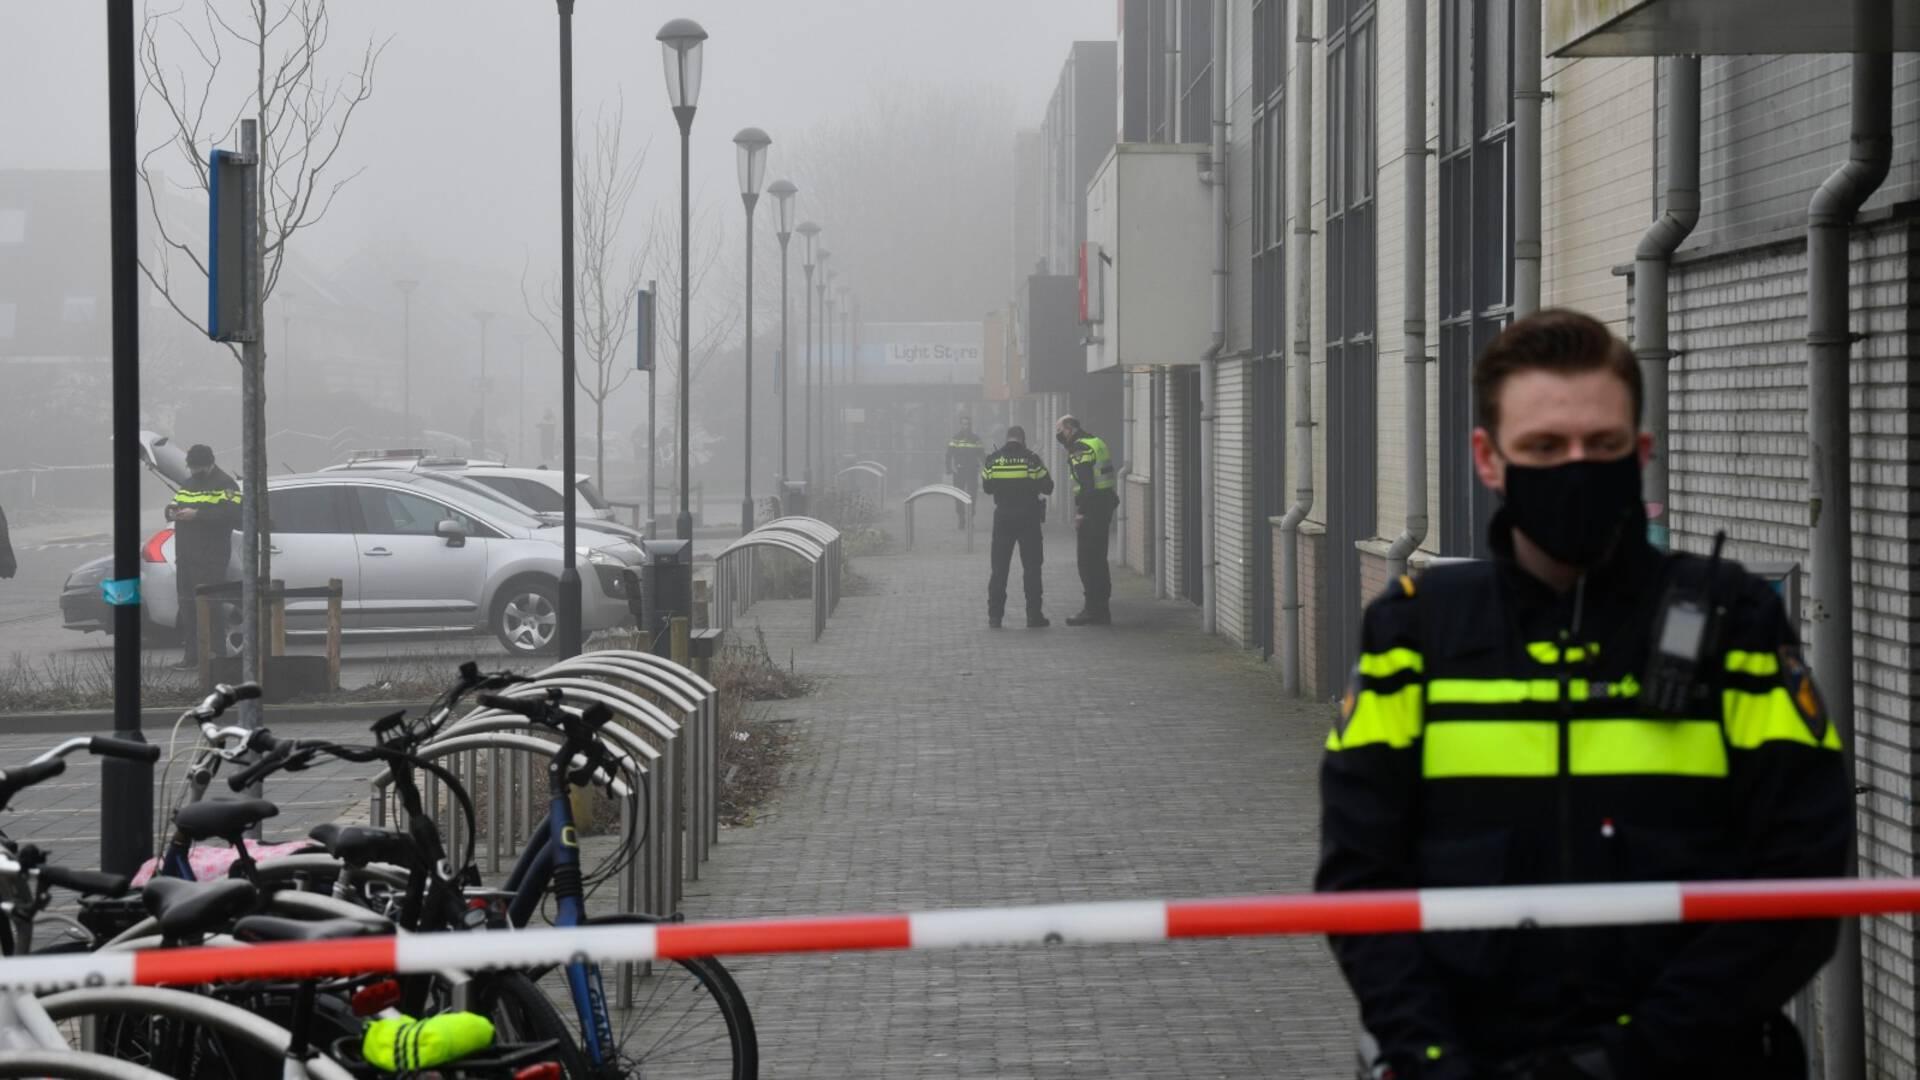 荷兰又一GGD测试点爆炸,警察猜测是有预谋的破坏行为